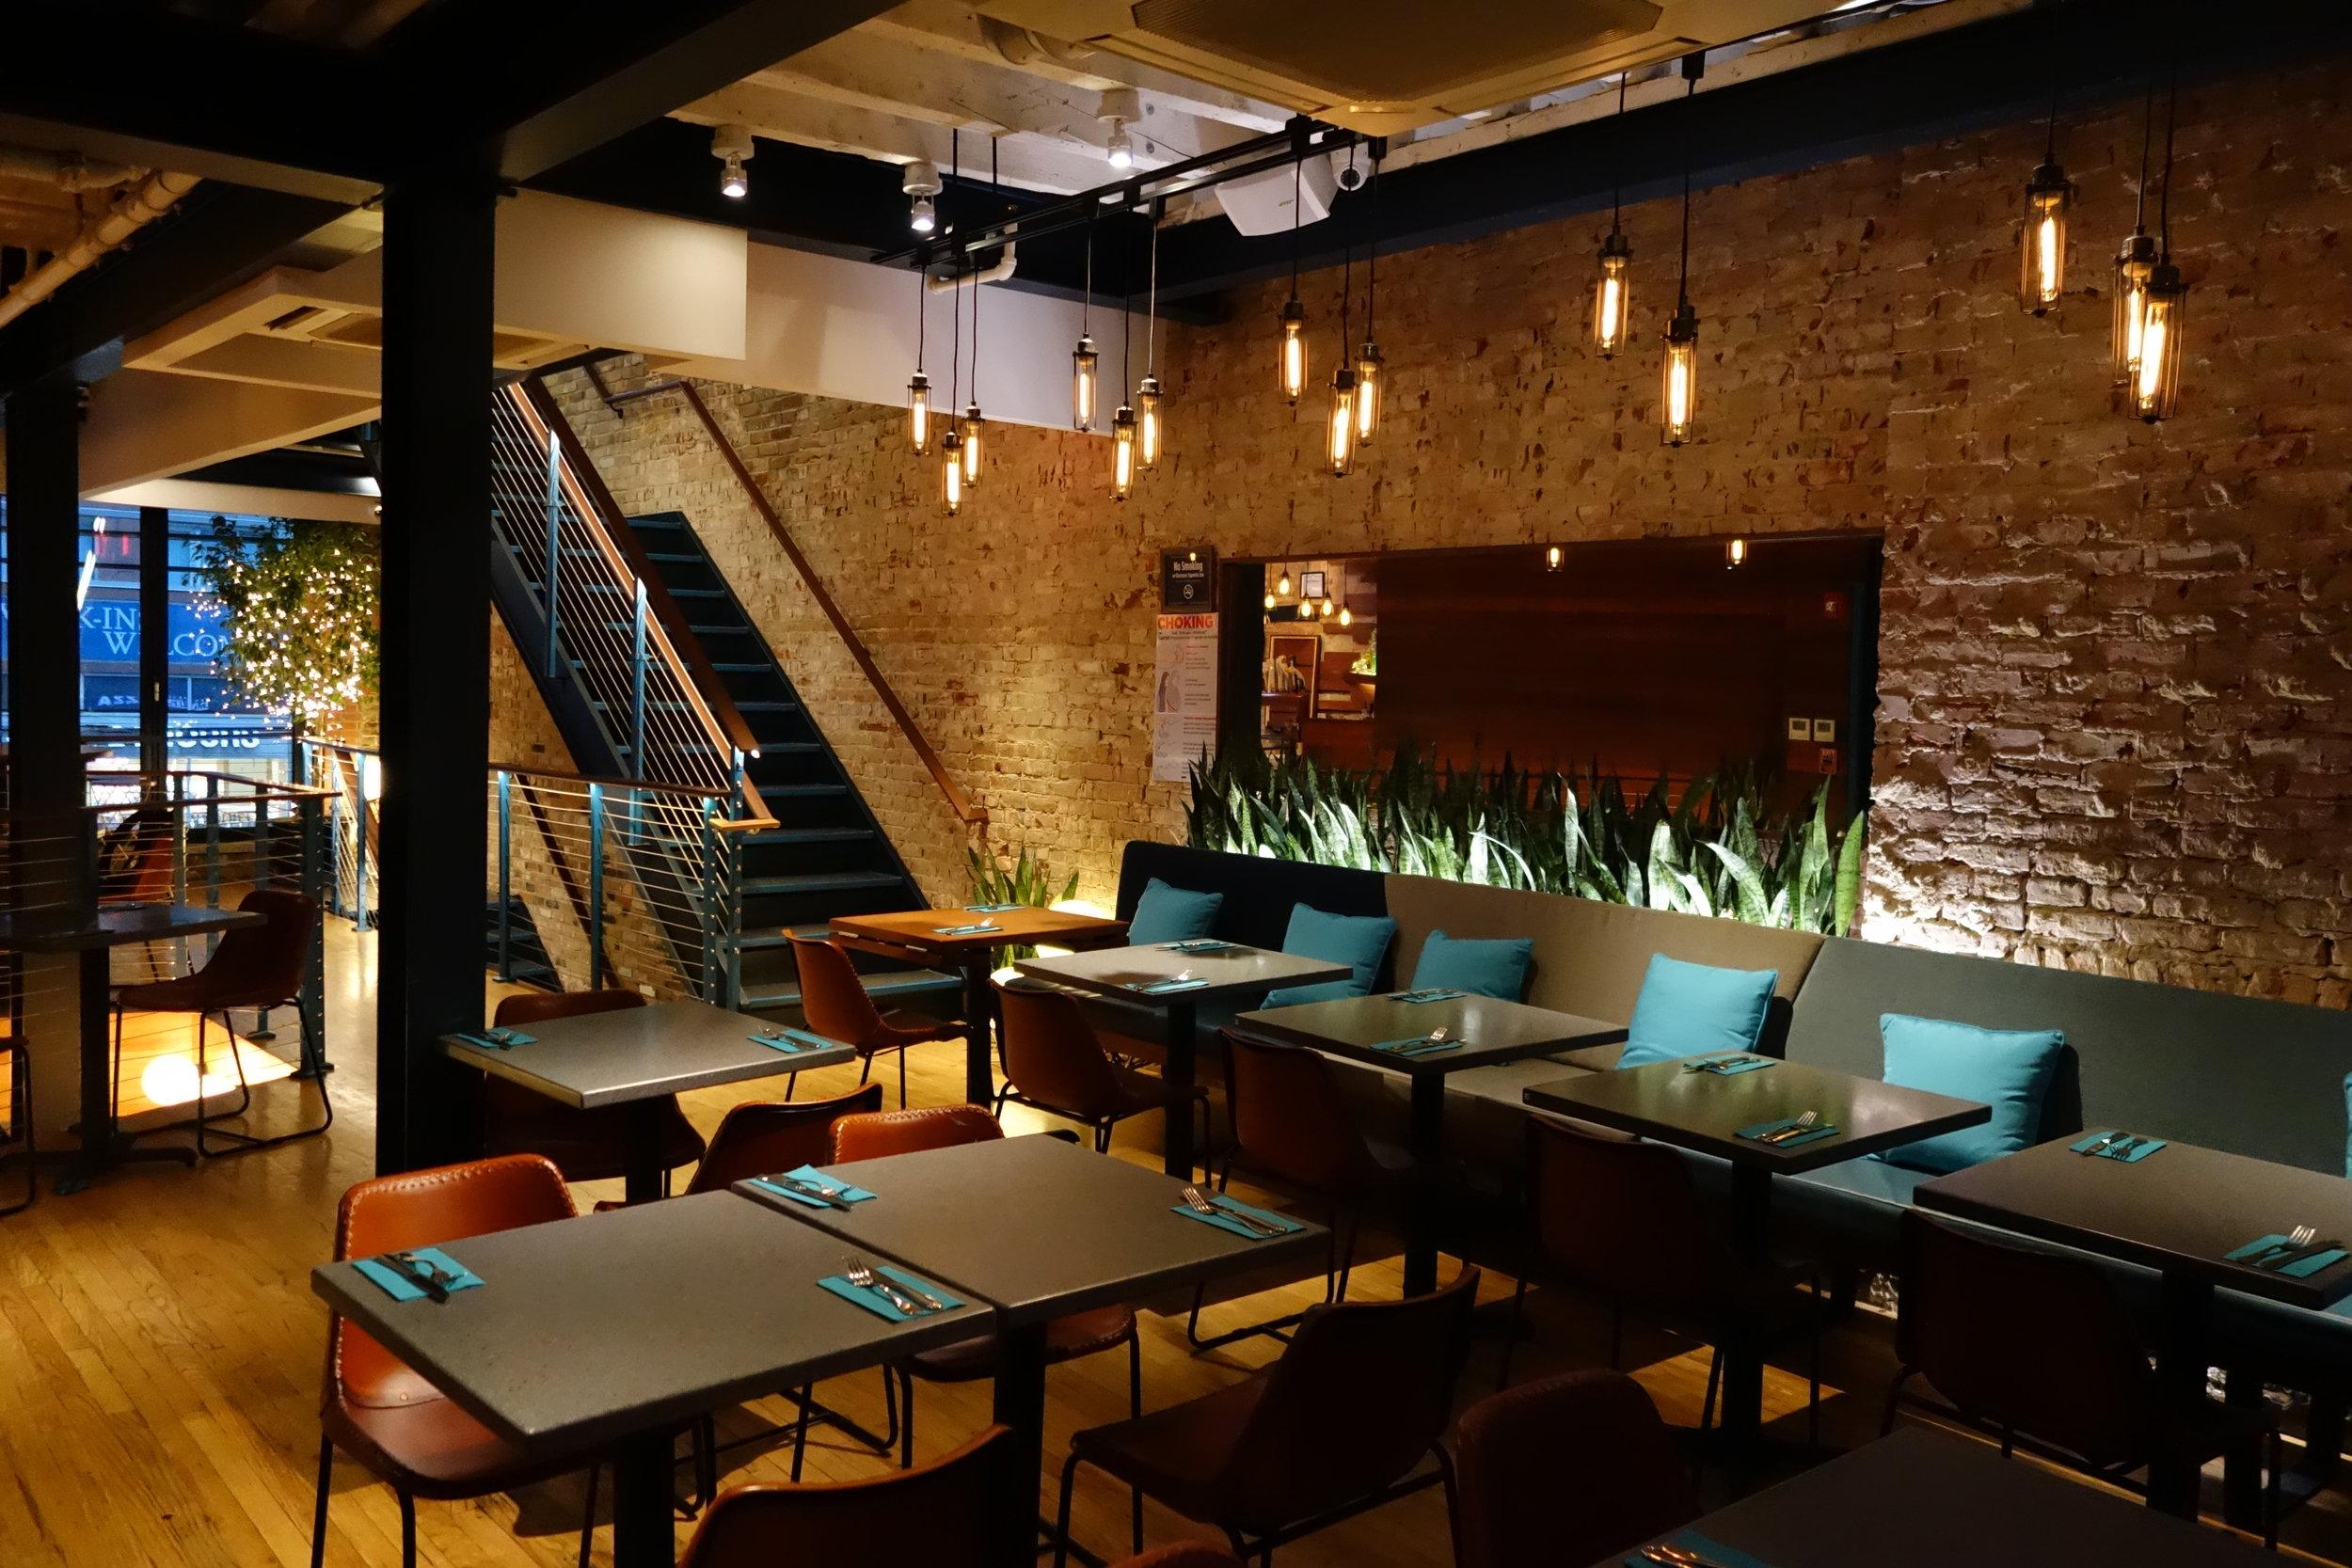 2nd Floor Seating Photo 9.JPG